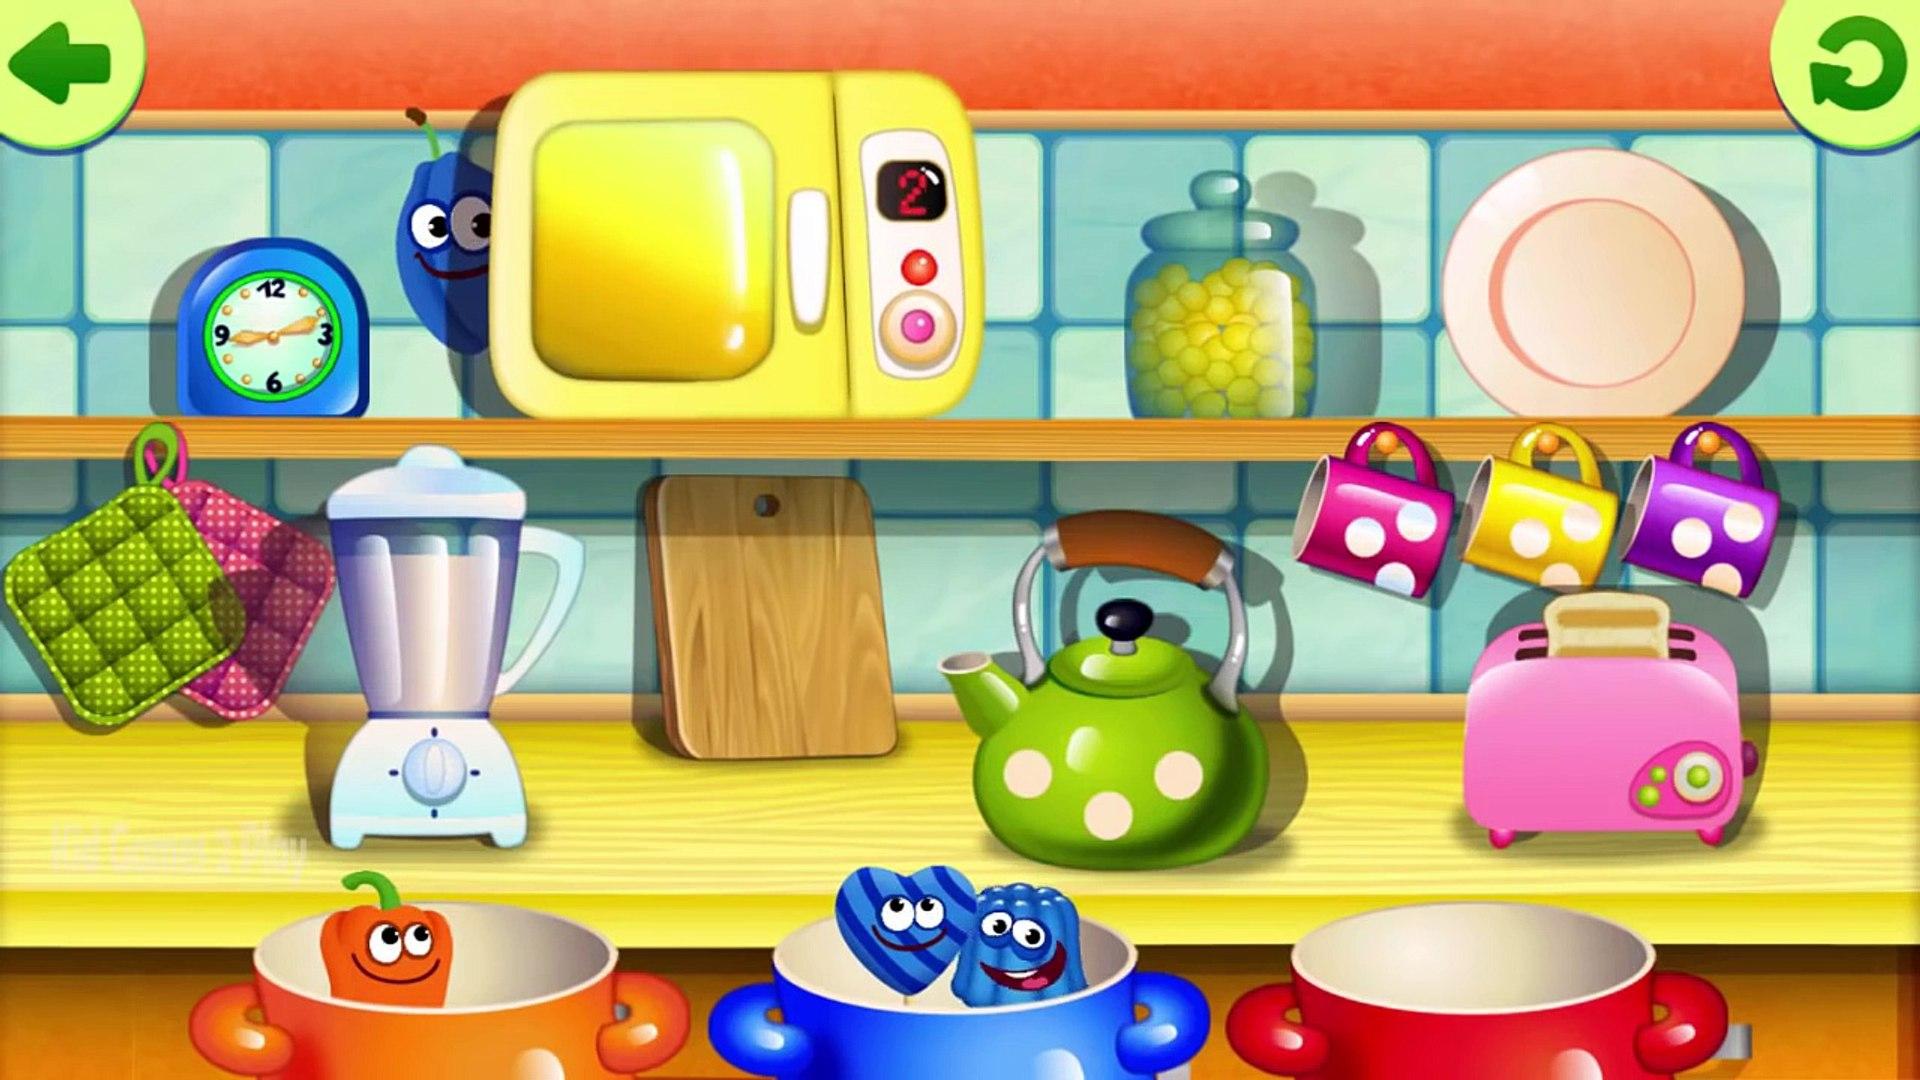 Узнайте цвета Узнайте имен из фрукты и овощи сделать игрушка салат липучка деревянные играть питание